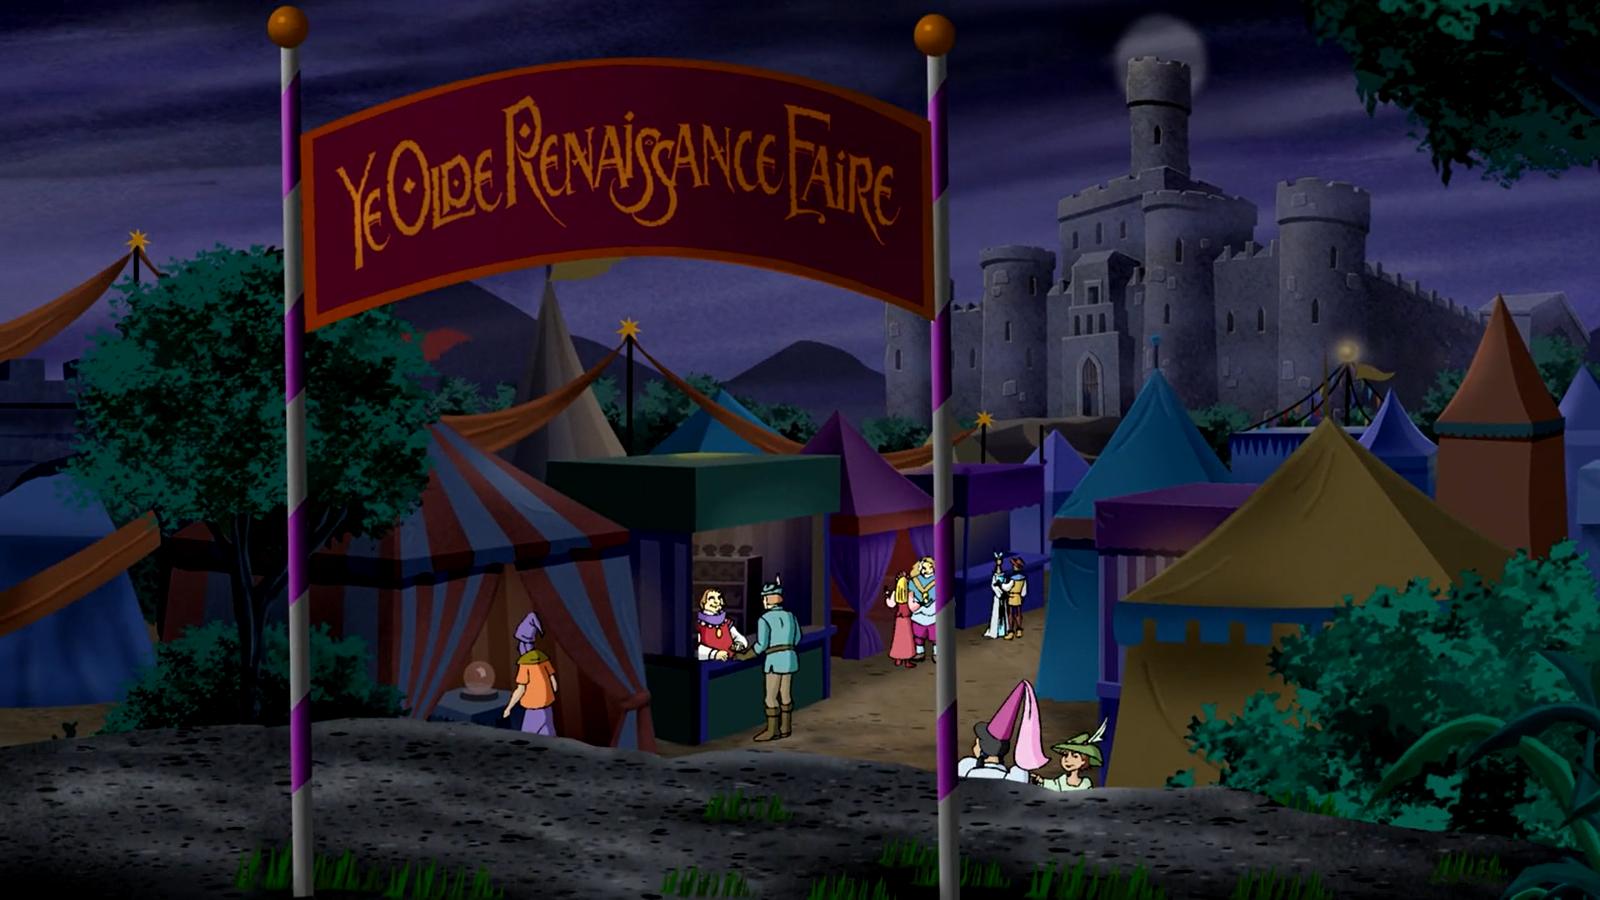 File:Ye Olde Renaissance Faire.png